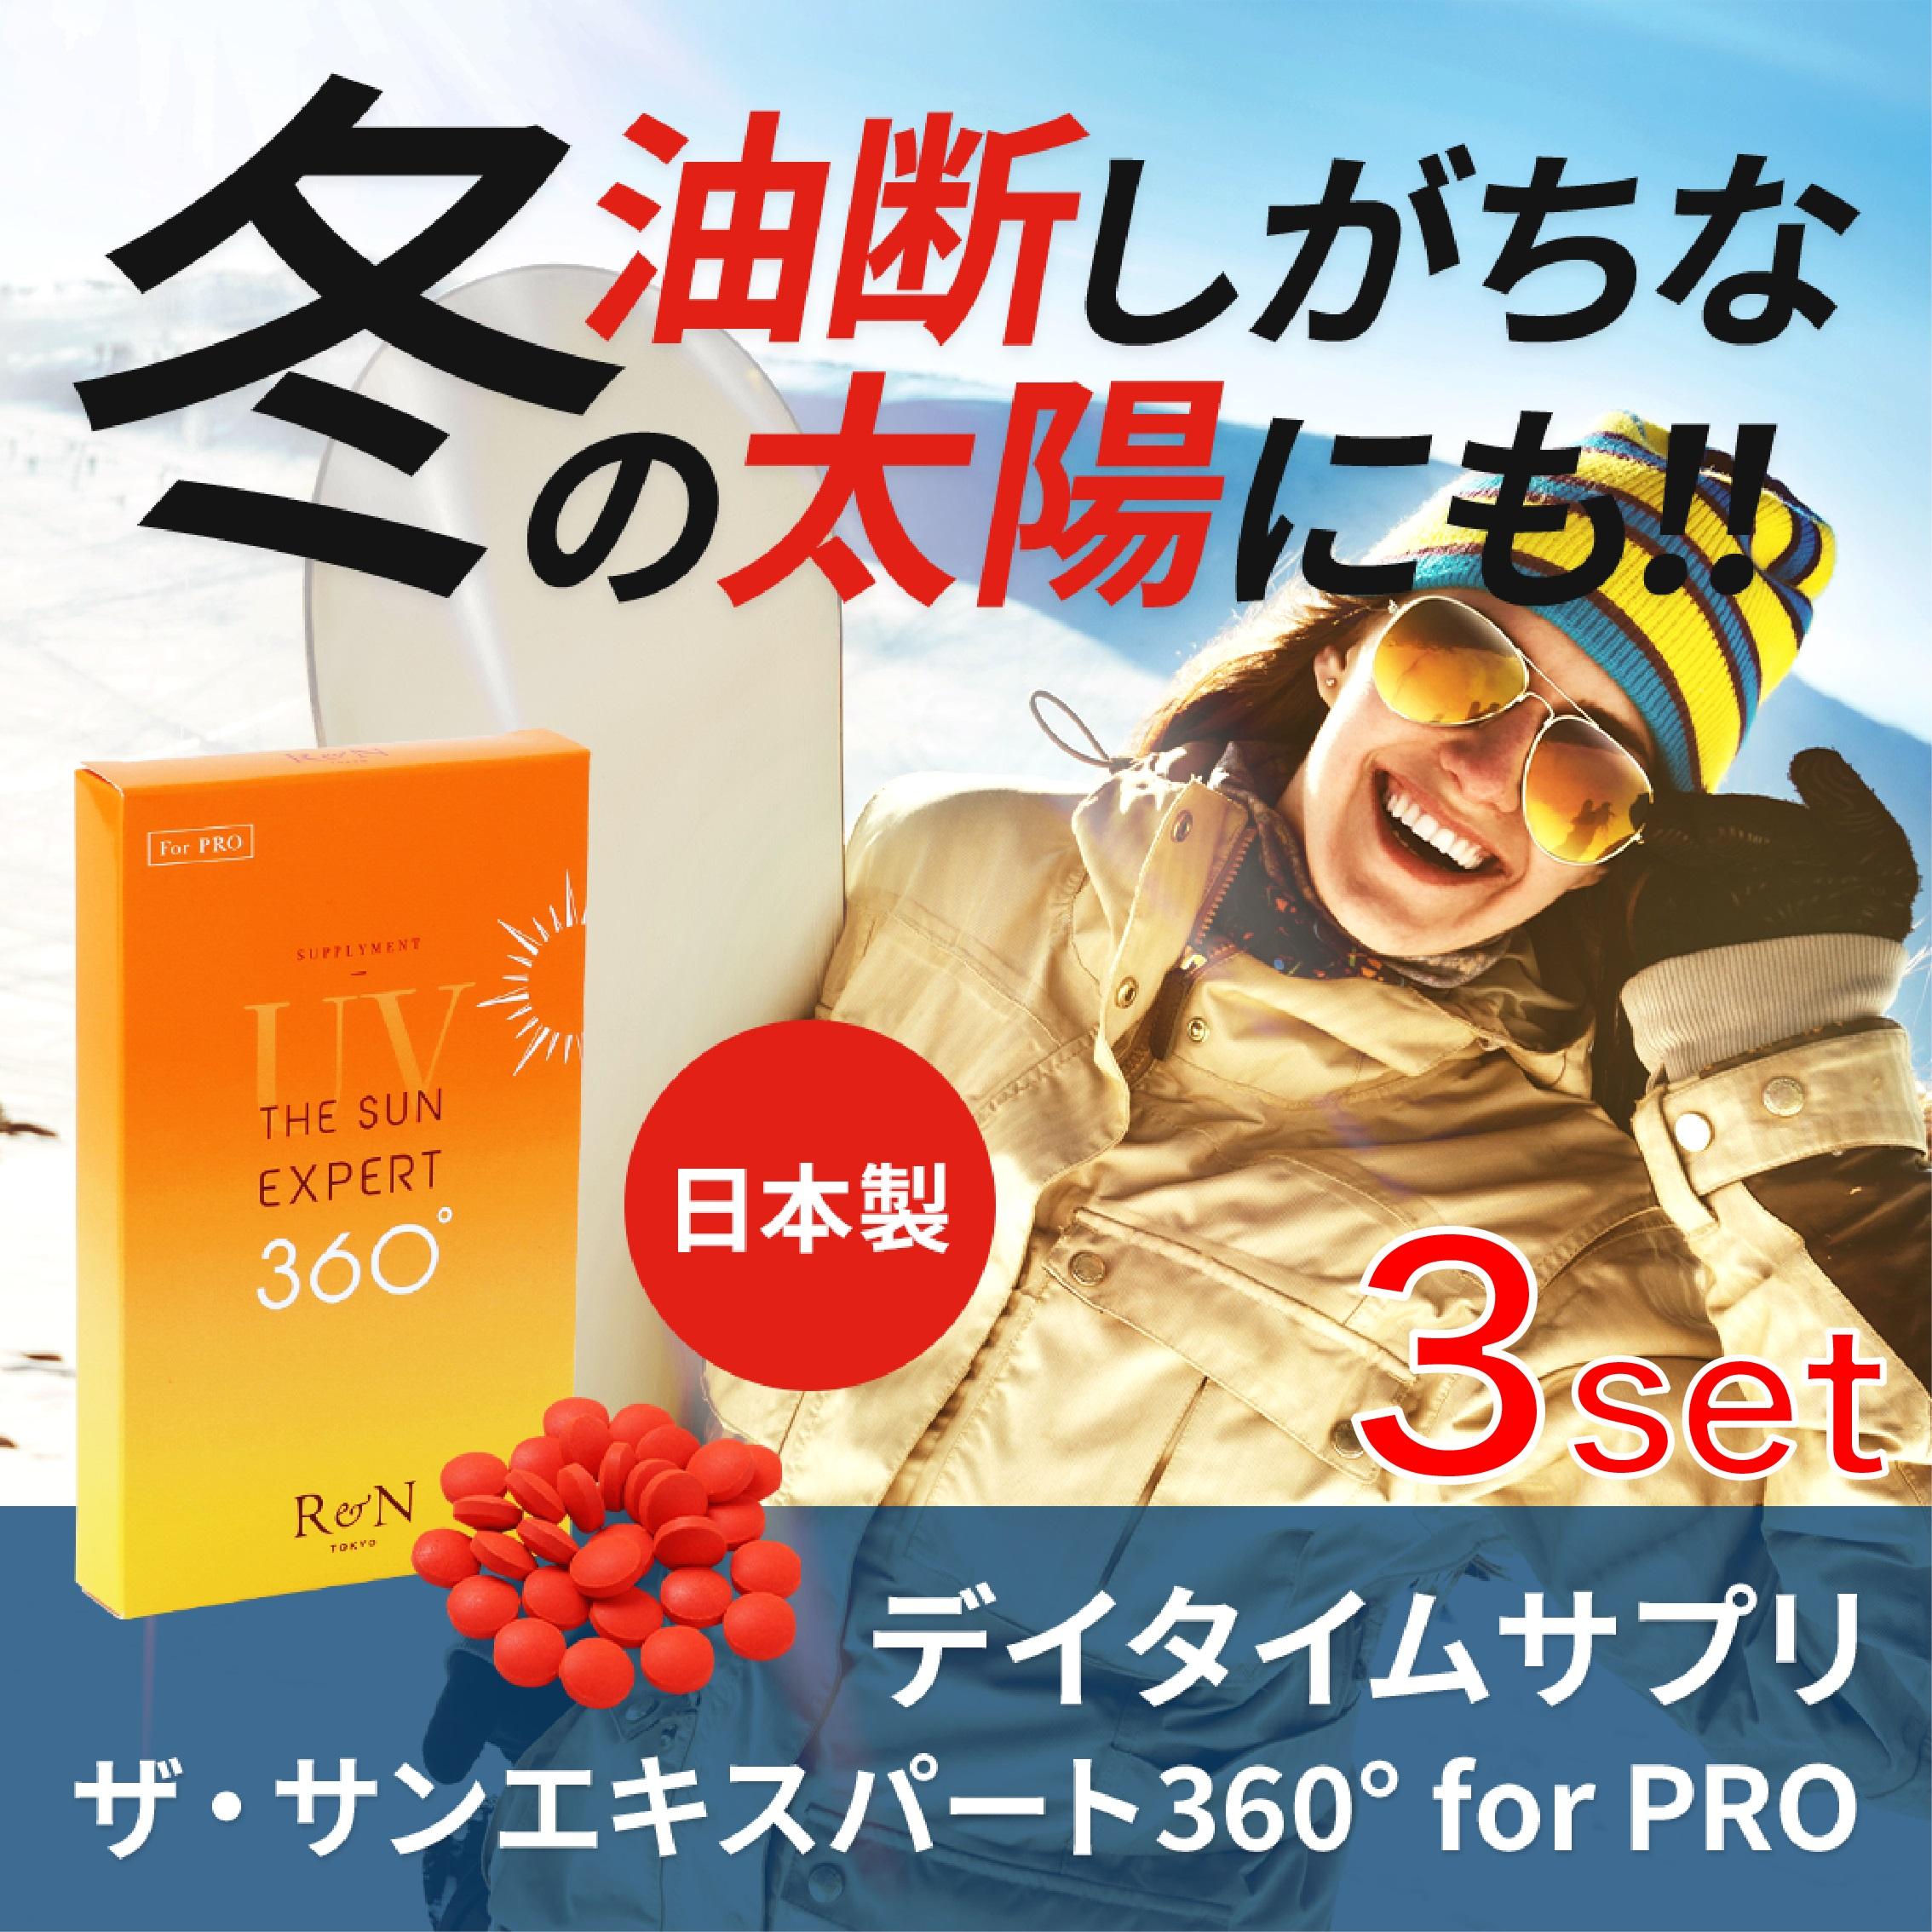 ザ・サンエキスパート 360°forPRO(40粒入)お得な3箱セット 飲む日焼け止め海・ゴルフ・キャンプブルーライト日本製ヘリオケアTHE SUN EXPERTSUN エキスパート